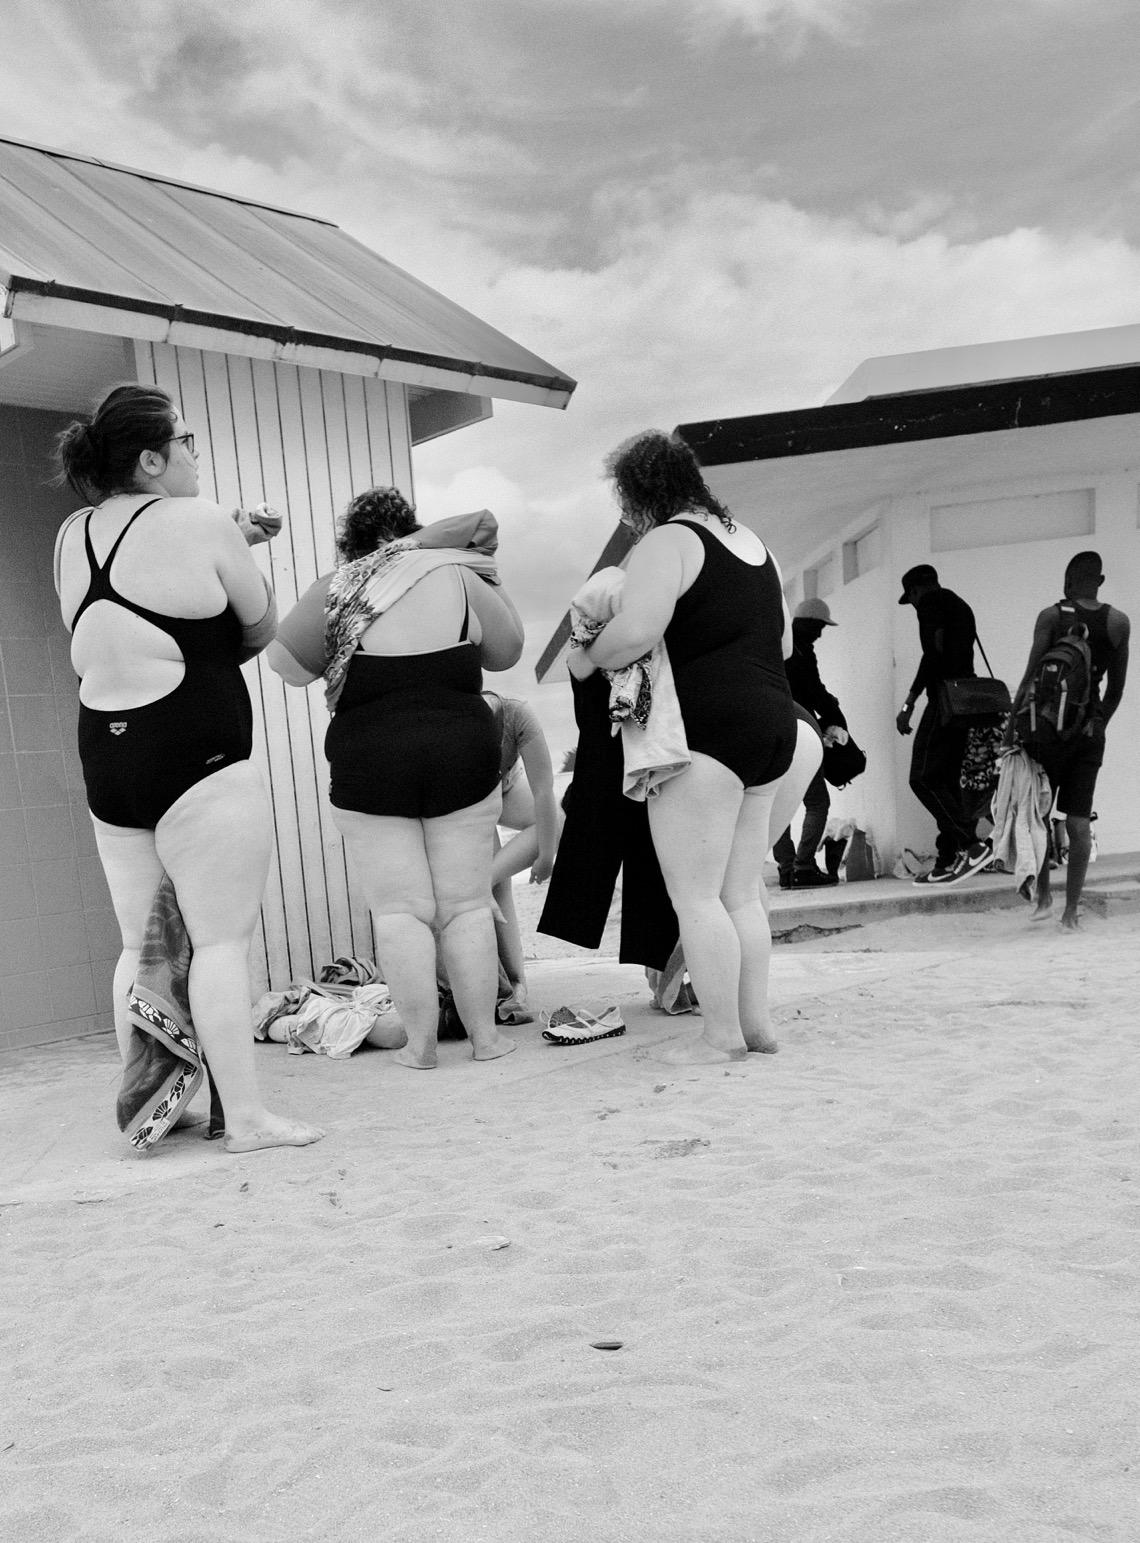 Les baigneuses - Plage de Ouistreham